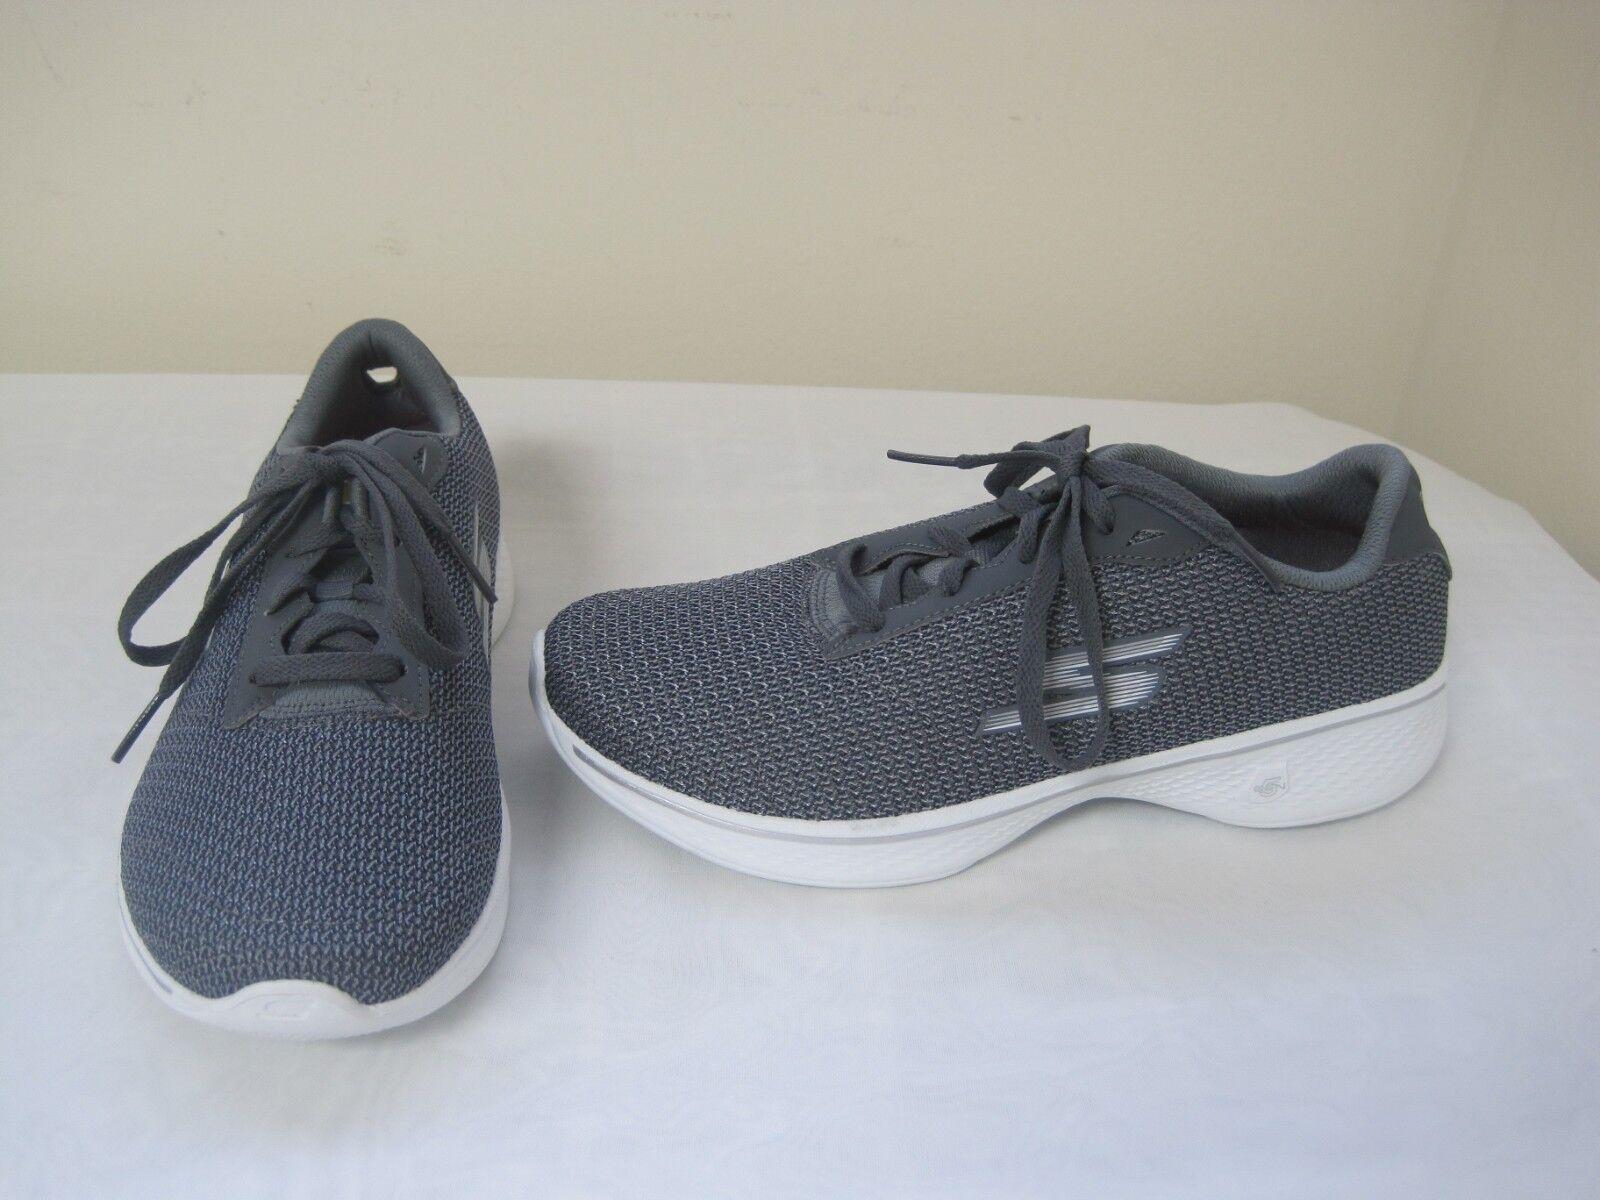 Details zu New Women's Skechers Go Walk 4 Glorify Athletic Walking Shoe 14175 Grey ssc 51E